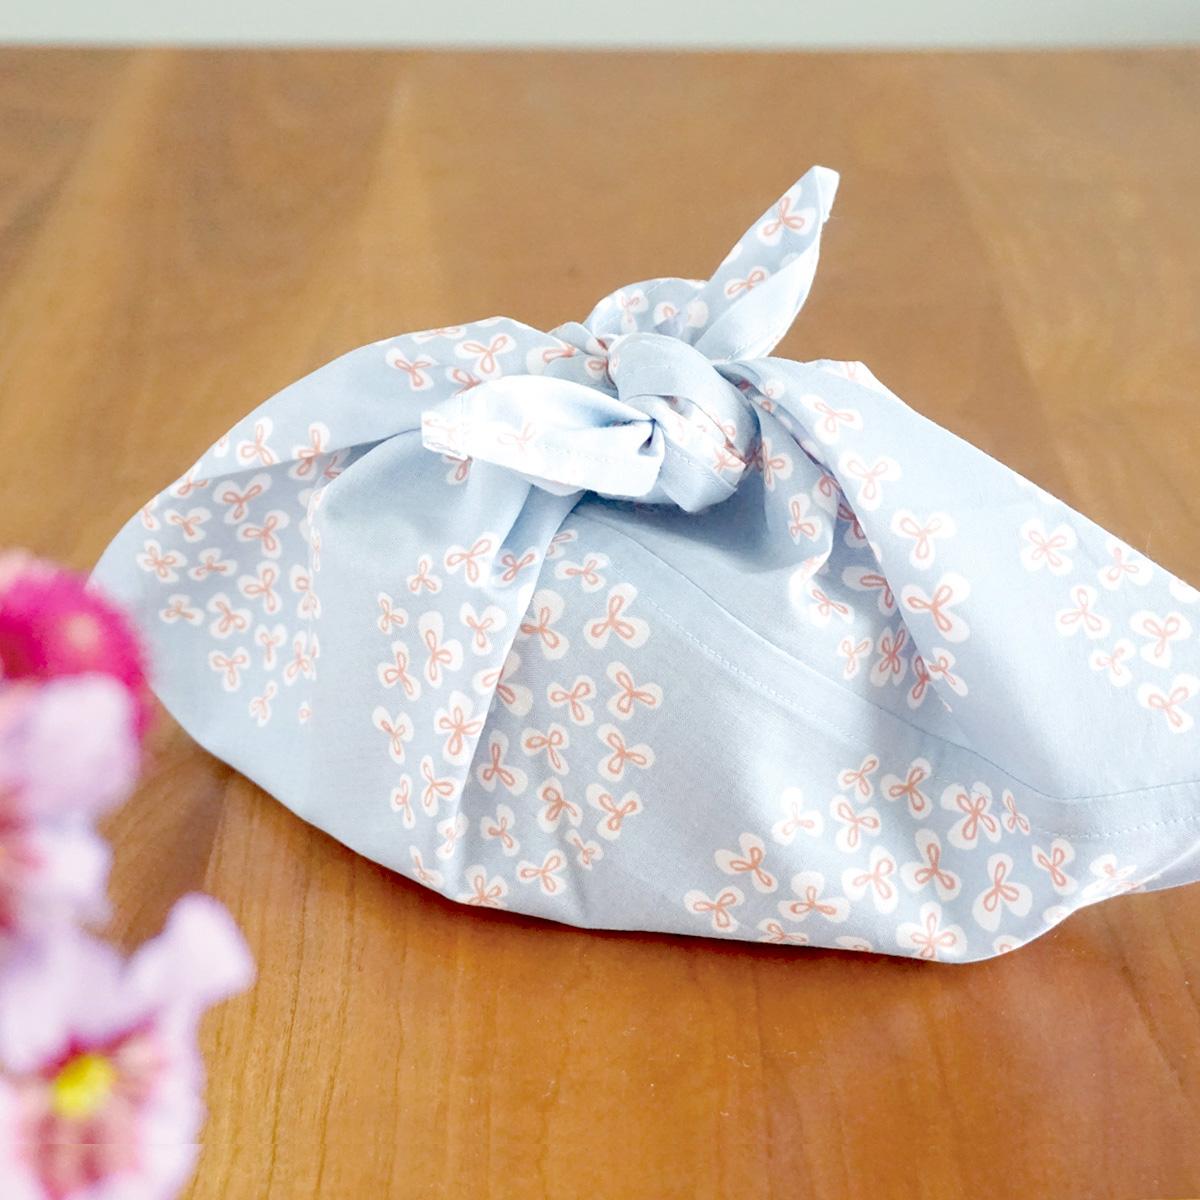 お弁当用あずま袋ピンクの花柄】画像